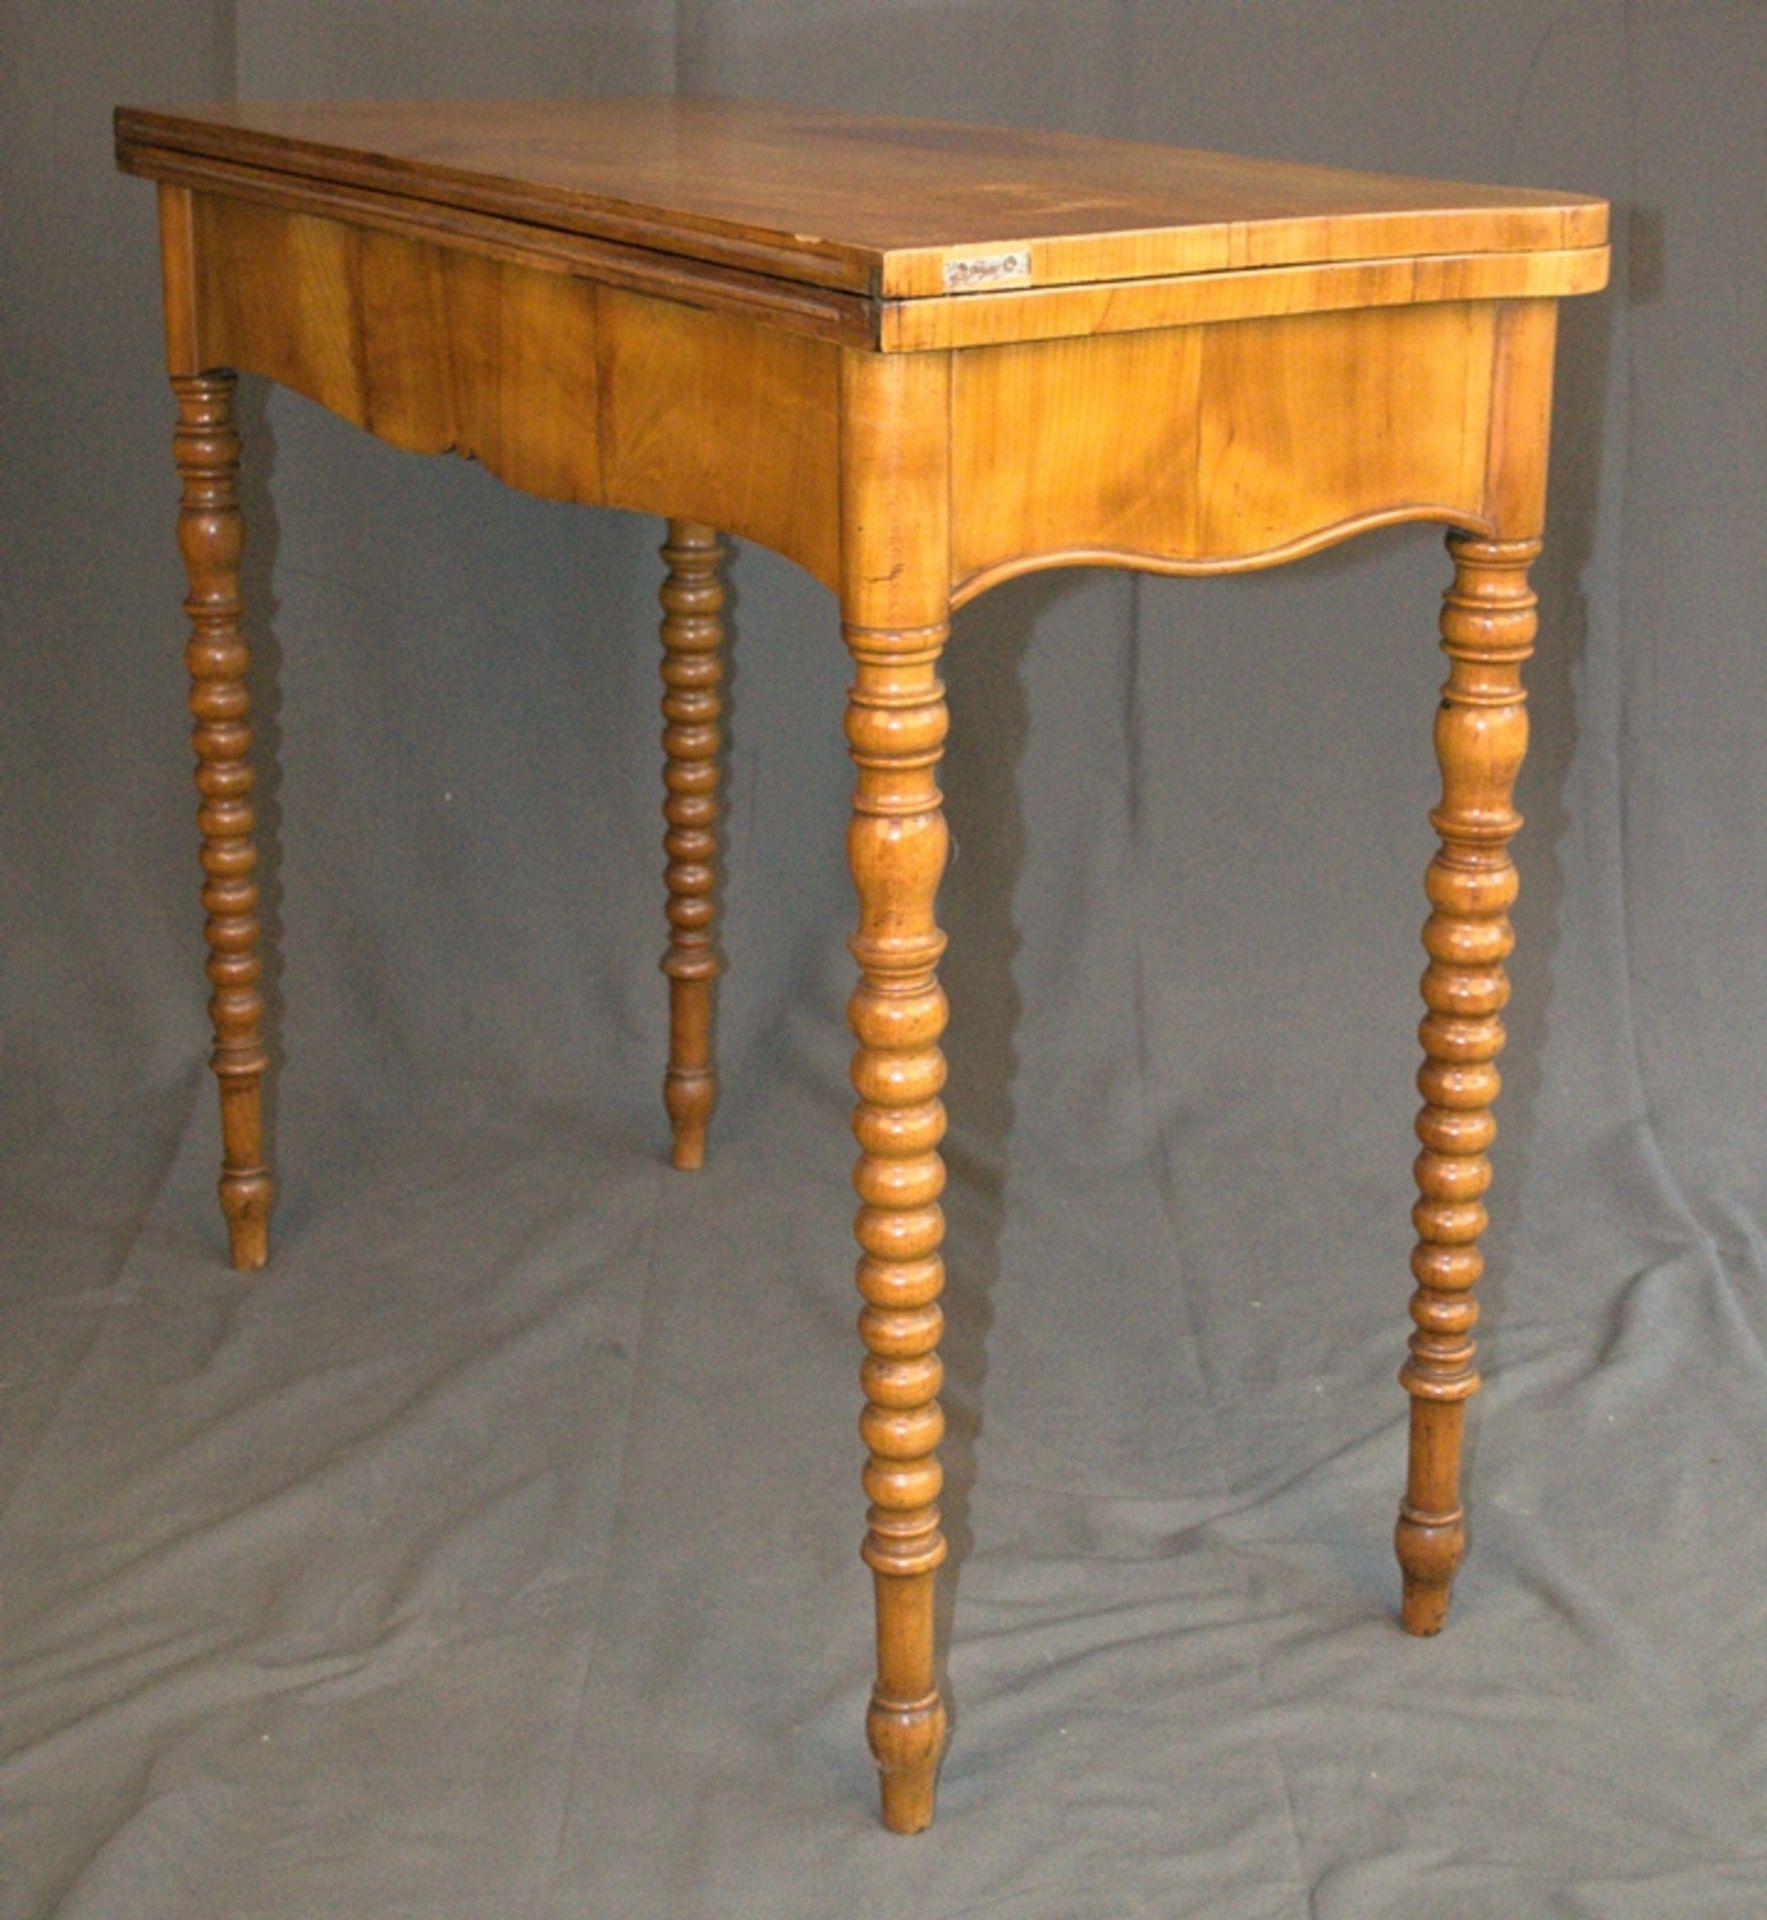 Konsoltisch/Spieltisch. Spätes Biedermeier um 1840/50. Kirschbaum massiv & furniert. Gepflegter - Bild 16 aus 24